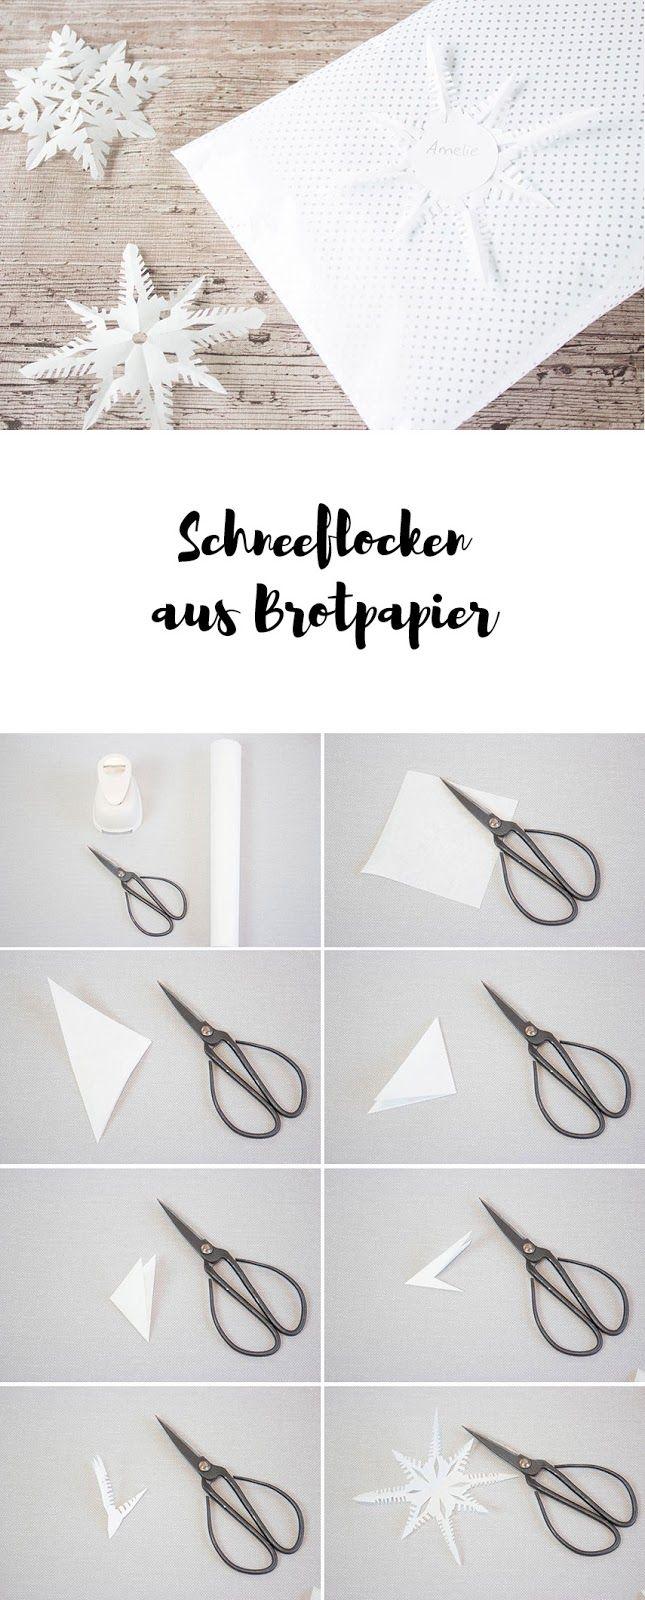 die besten 17 ideen zu schneeflocken basteln auf pinterest papierschneeflocke muster. Black Bedroom Furniture Sets. Home Design Ideas